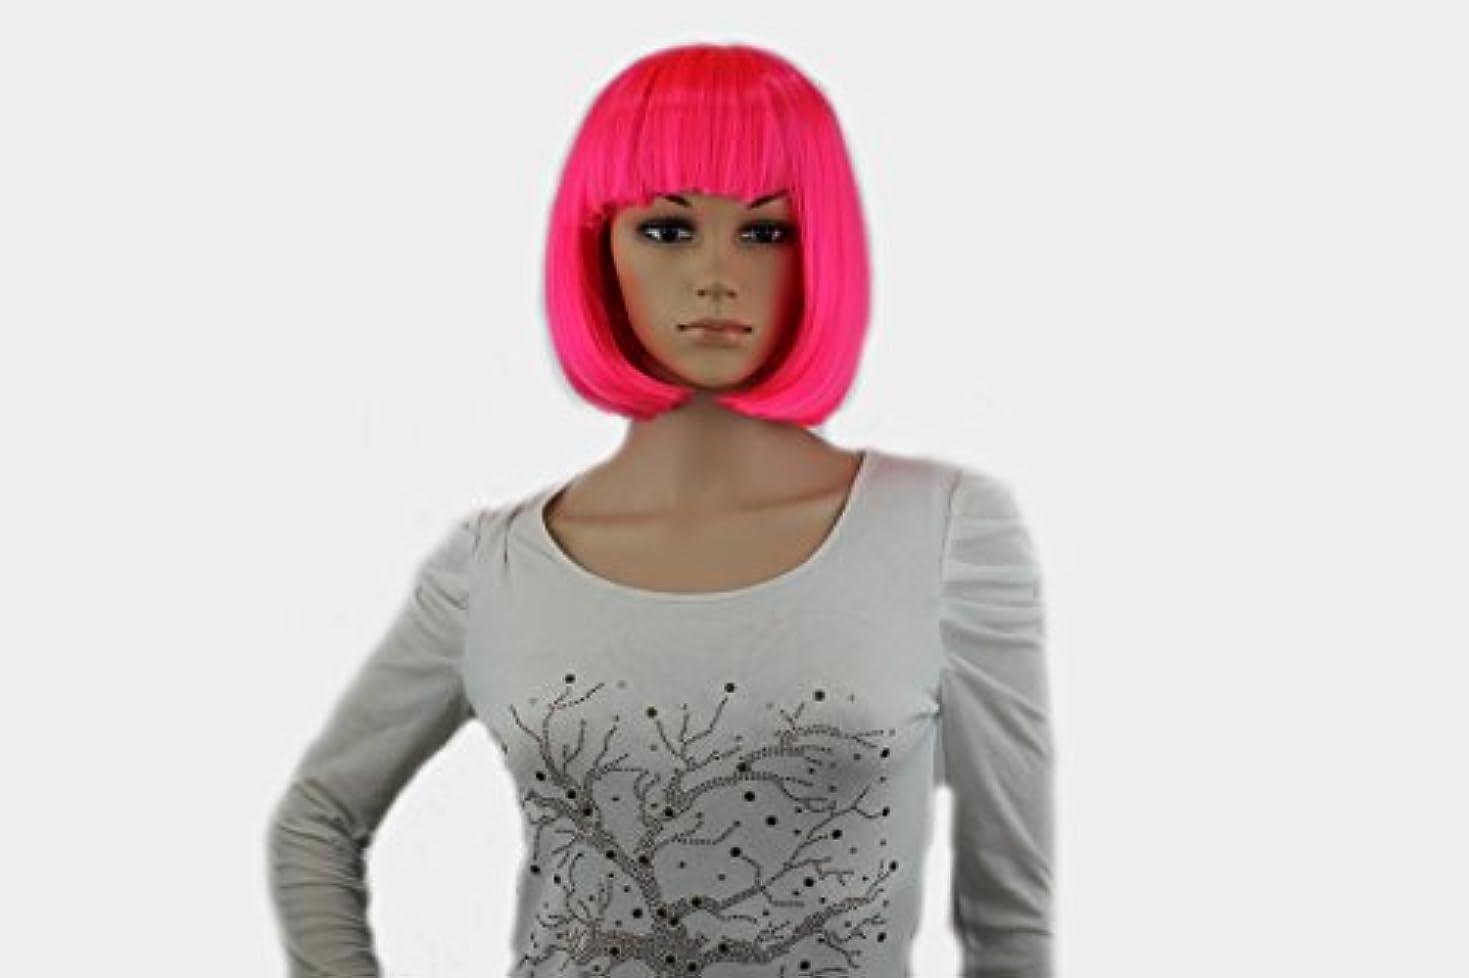 型アジテーションサイトラインコスプレアニメウィッグ、カラーボブヘア、ぱっつんバング、ダンスパーティーでウィッグ、ヘアカバー (ピンク)